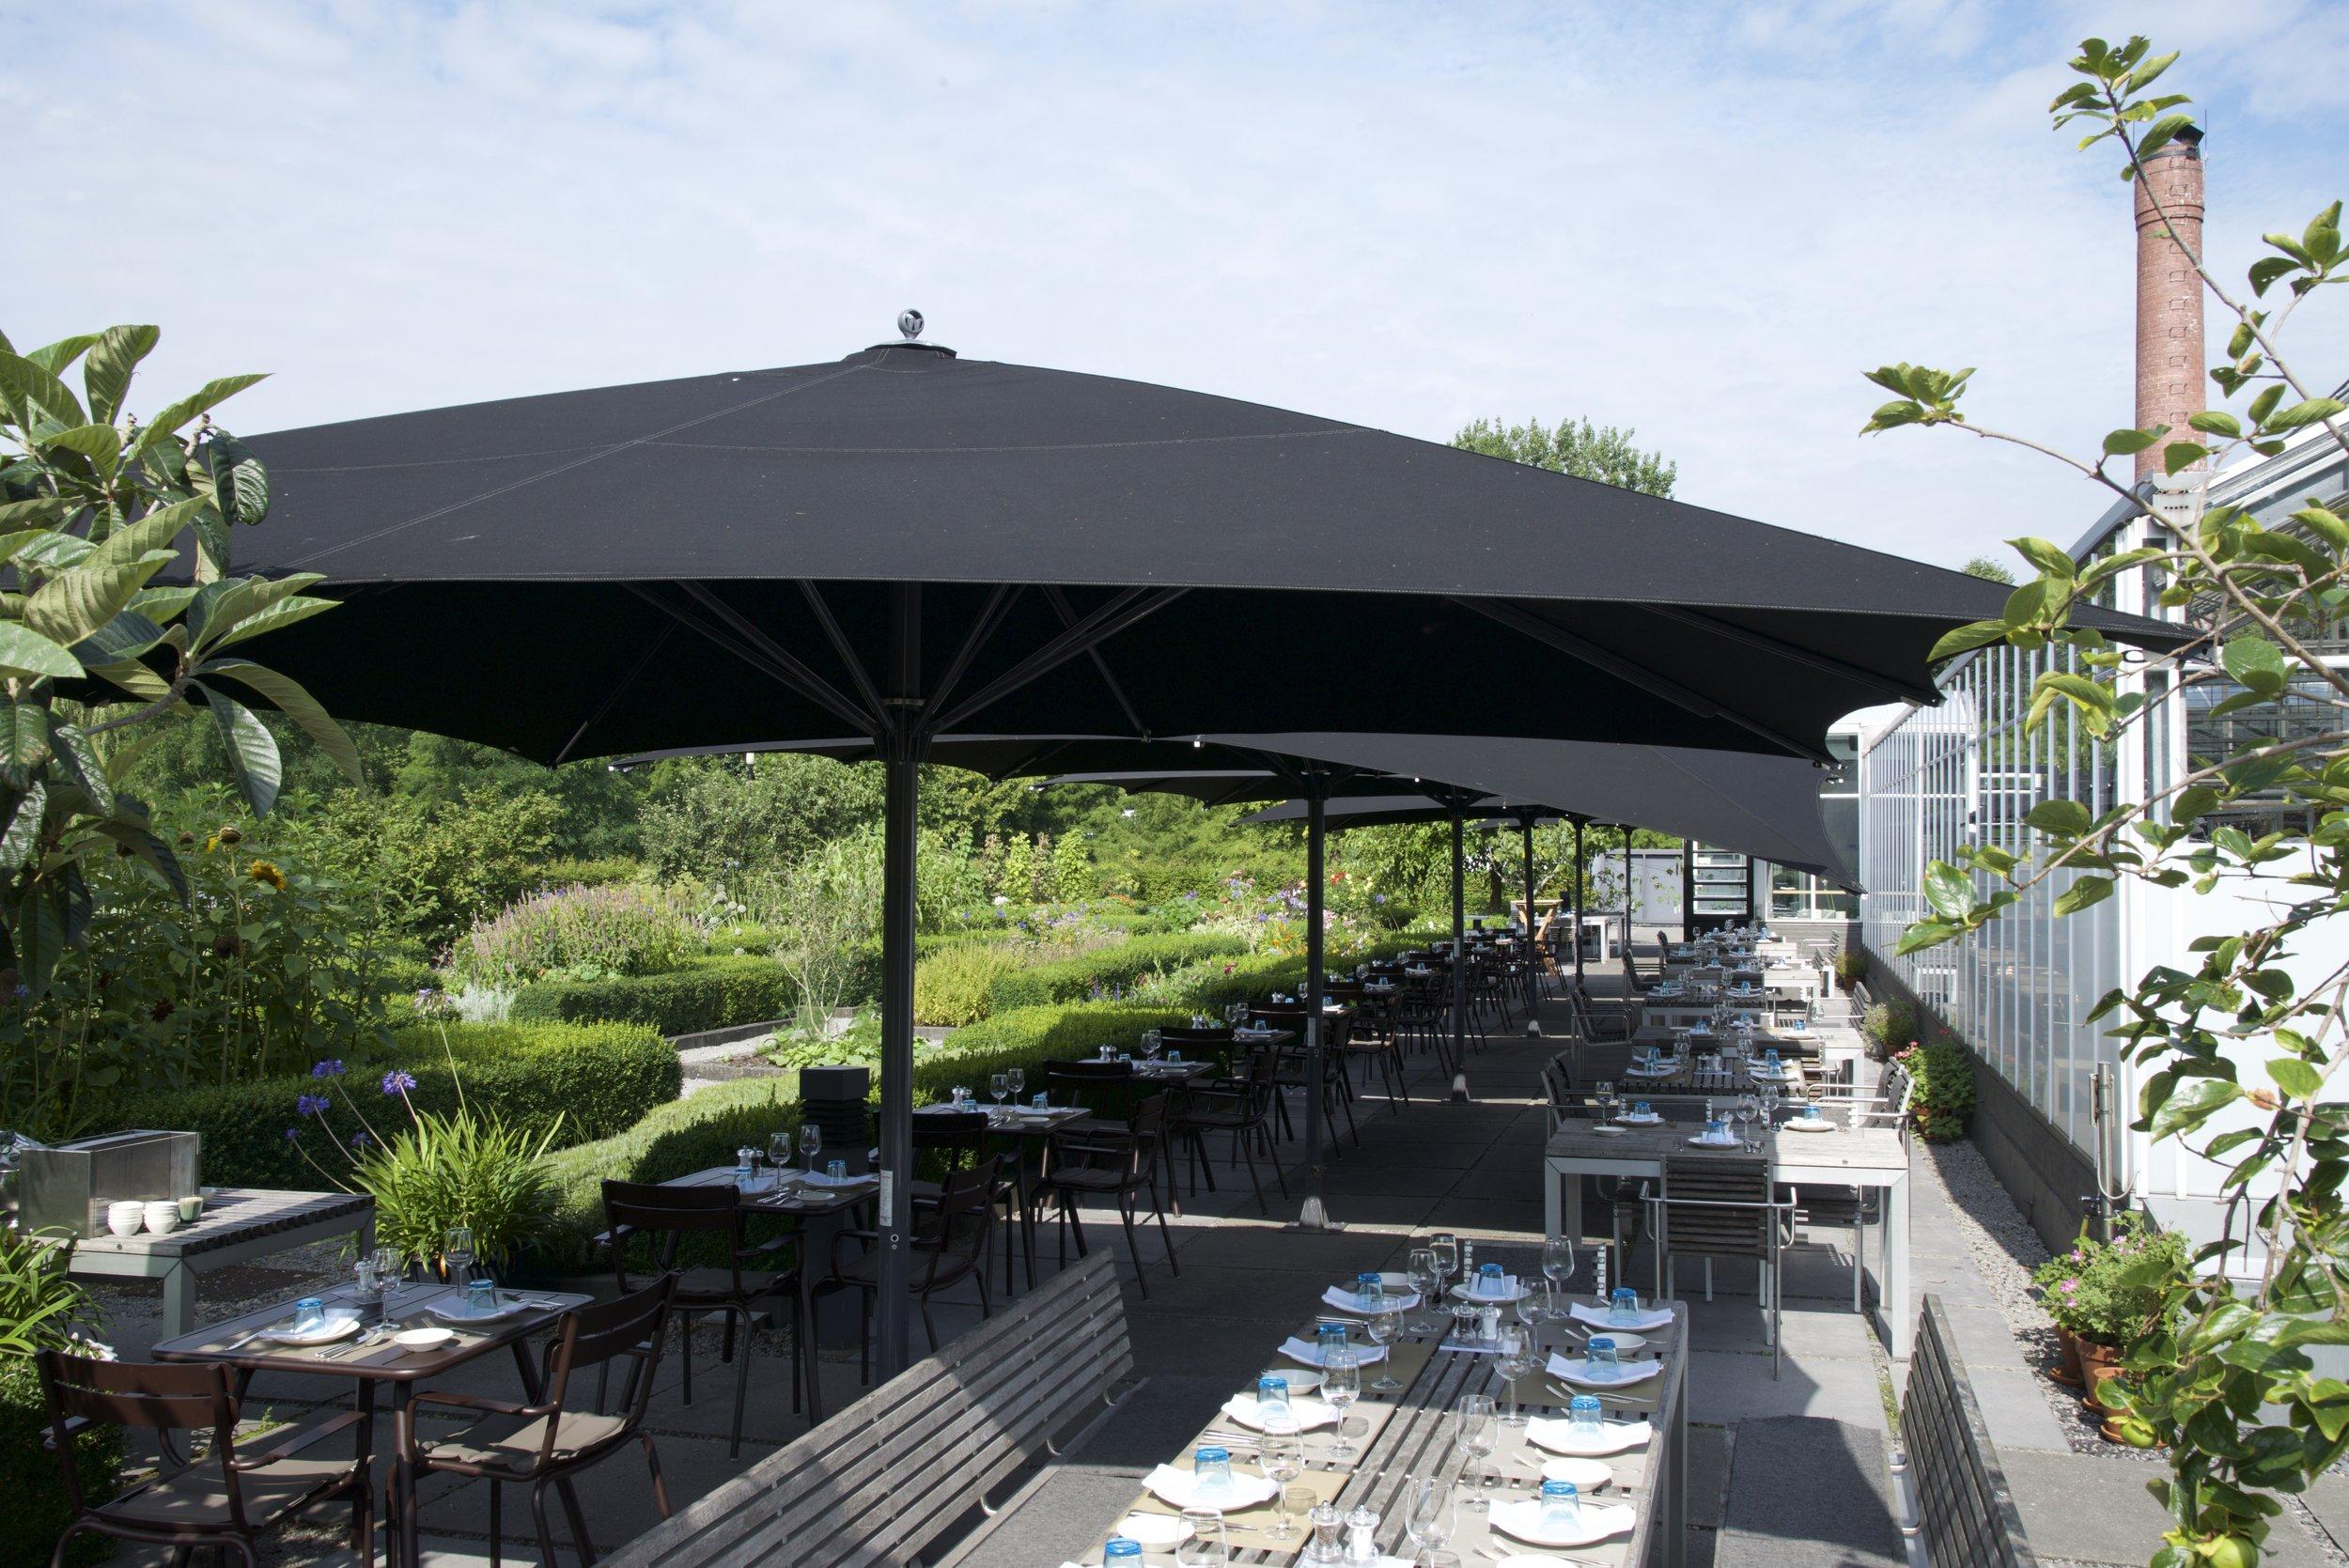 TERRAS - 's Zomers kun je buiten lunchen of dineren op het terras in de kruidentuin. Of een aperitief drinken op een mooie zomeravond, tussen de kruiden in bloei.